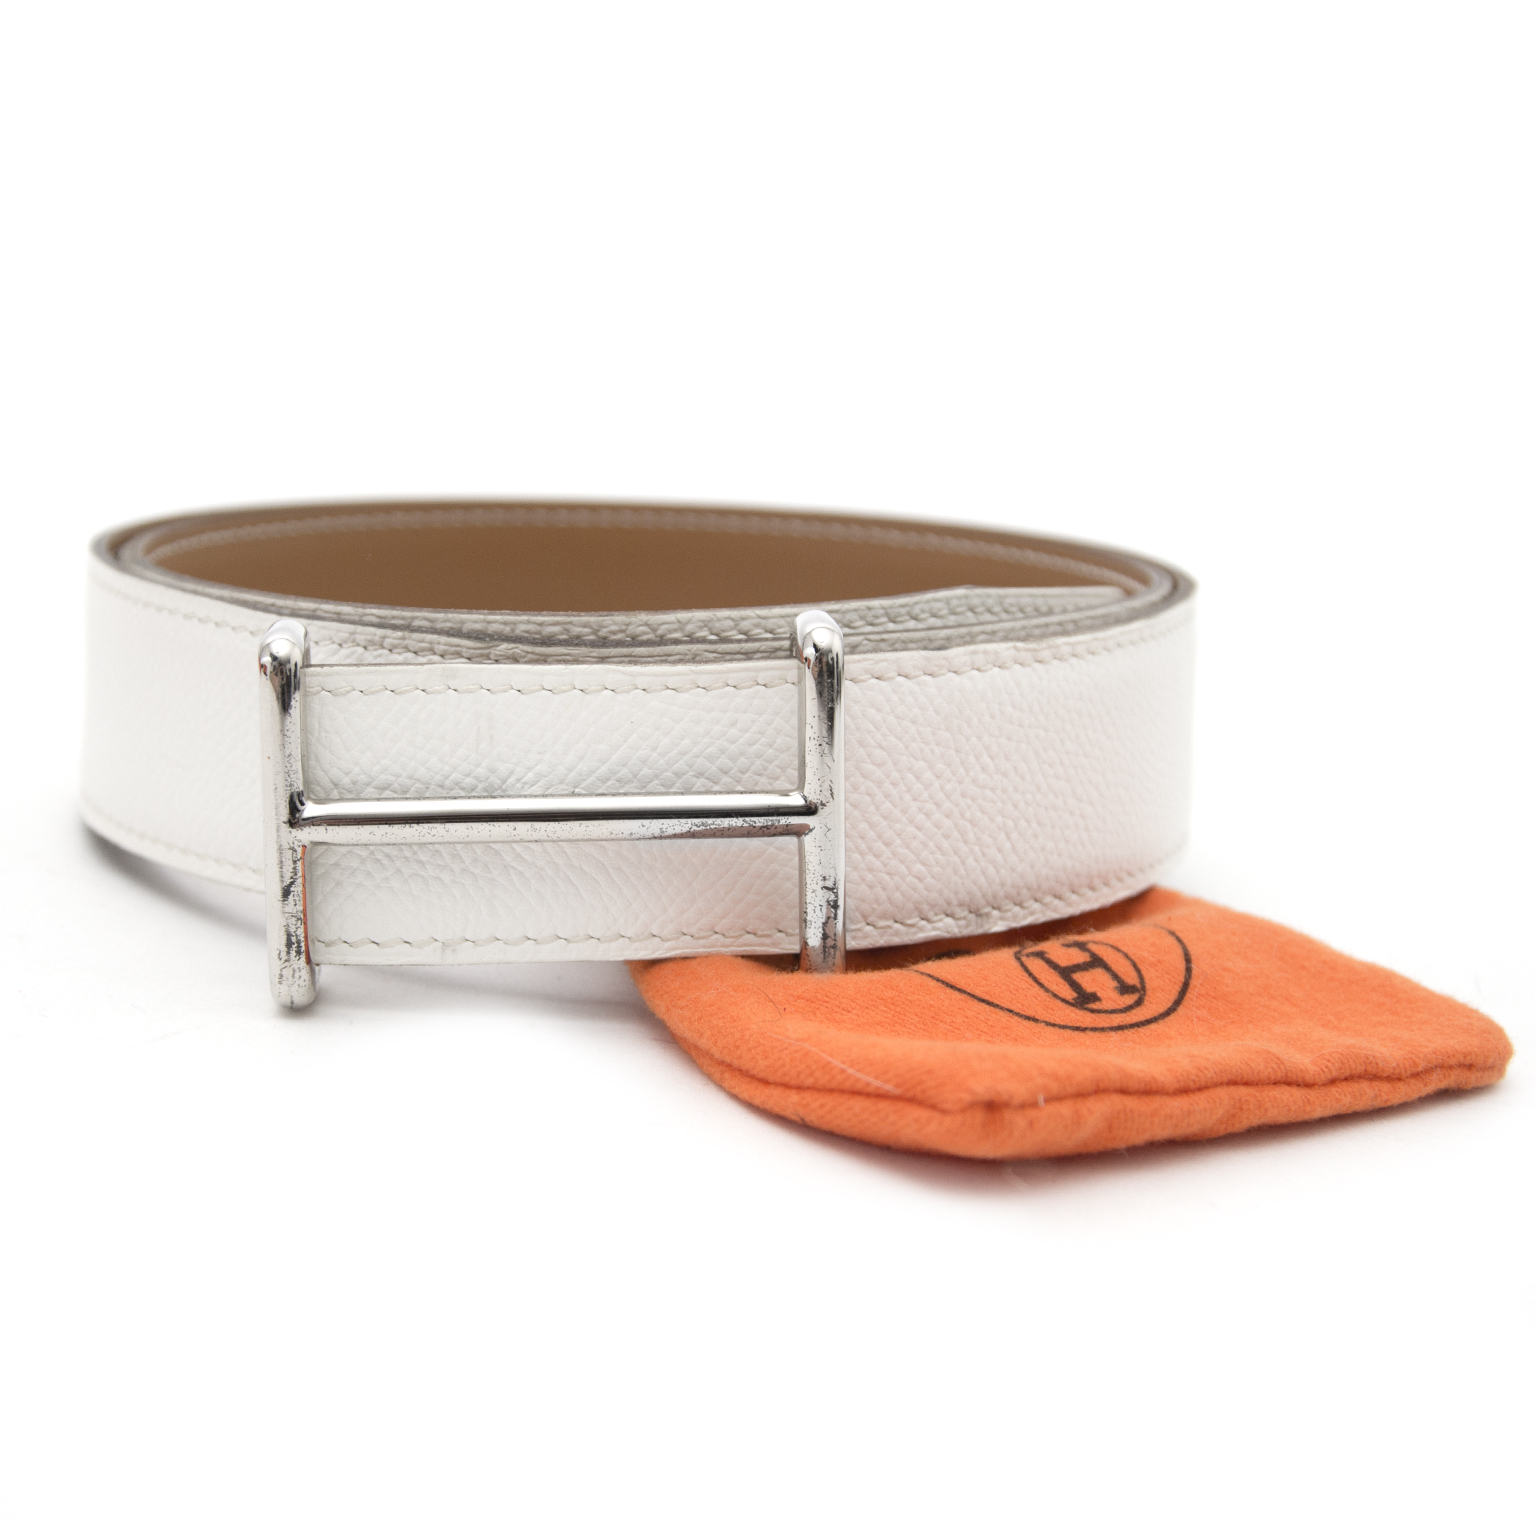 Bent u opzoek naar een Hermès Reversible White/Gold H Buckle PHW Belt?